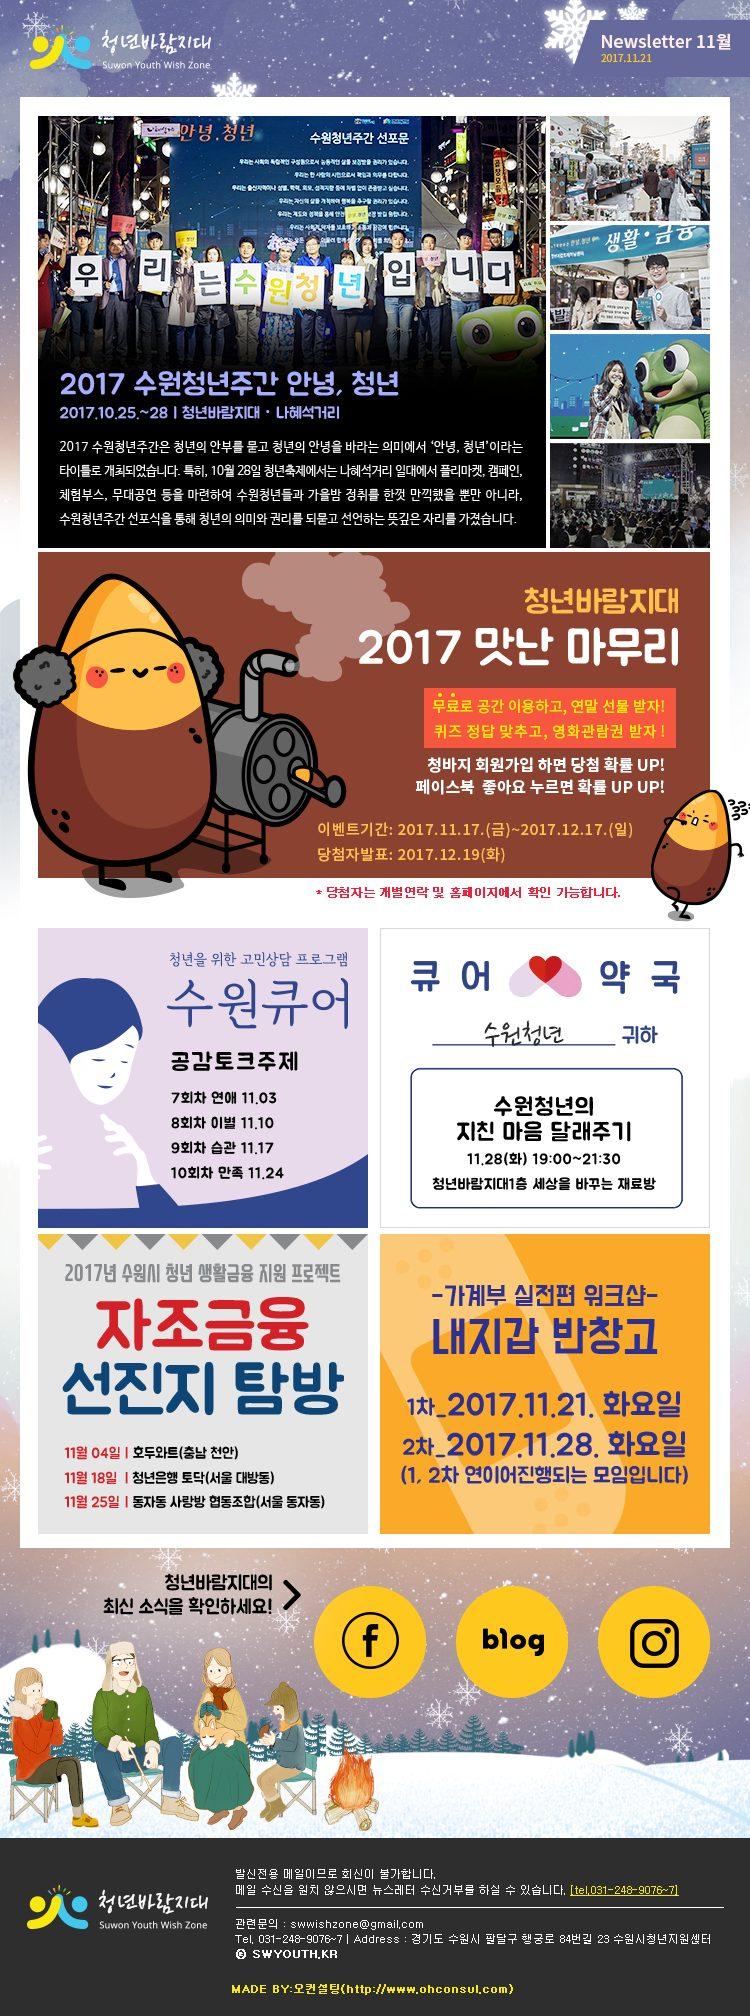 수원청년지원센터 청년바람지대 뉴스레터